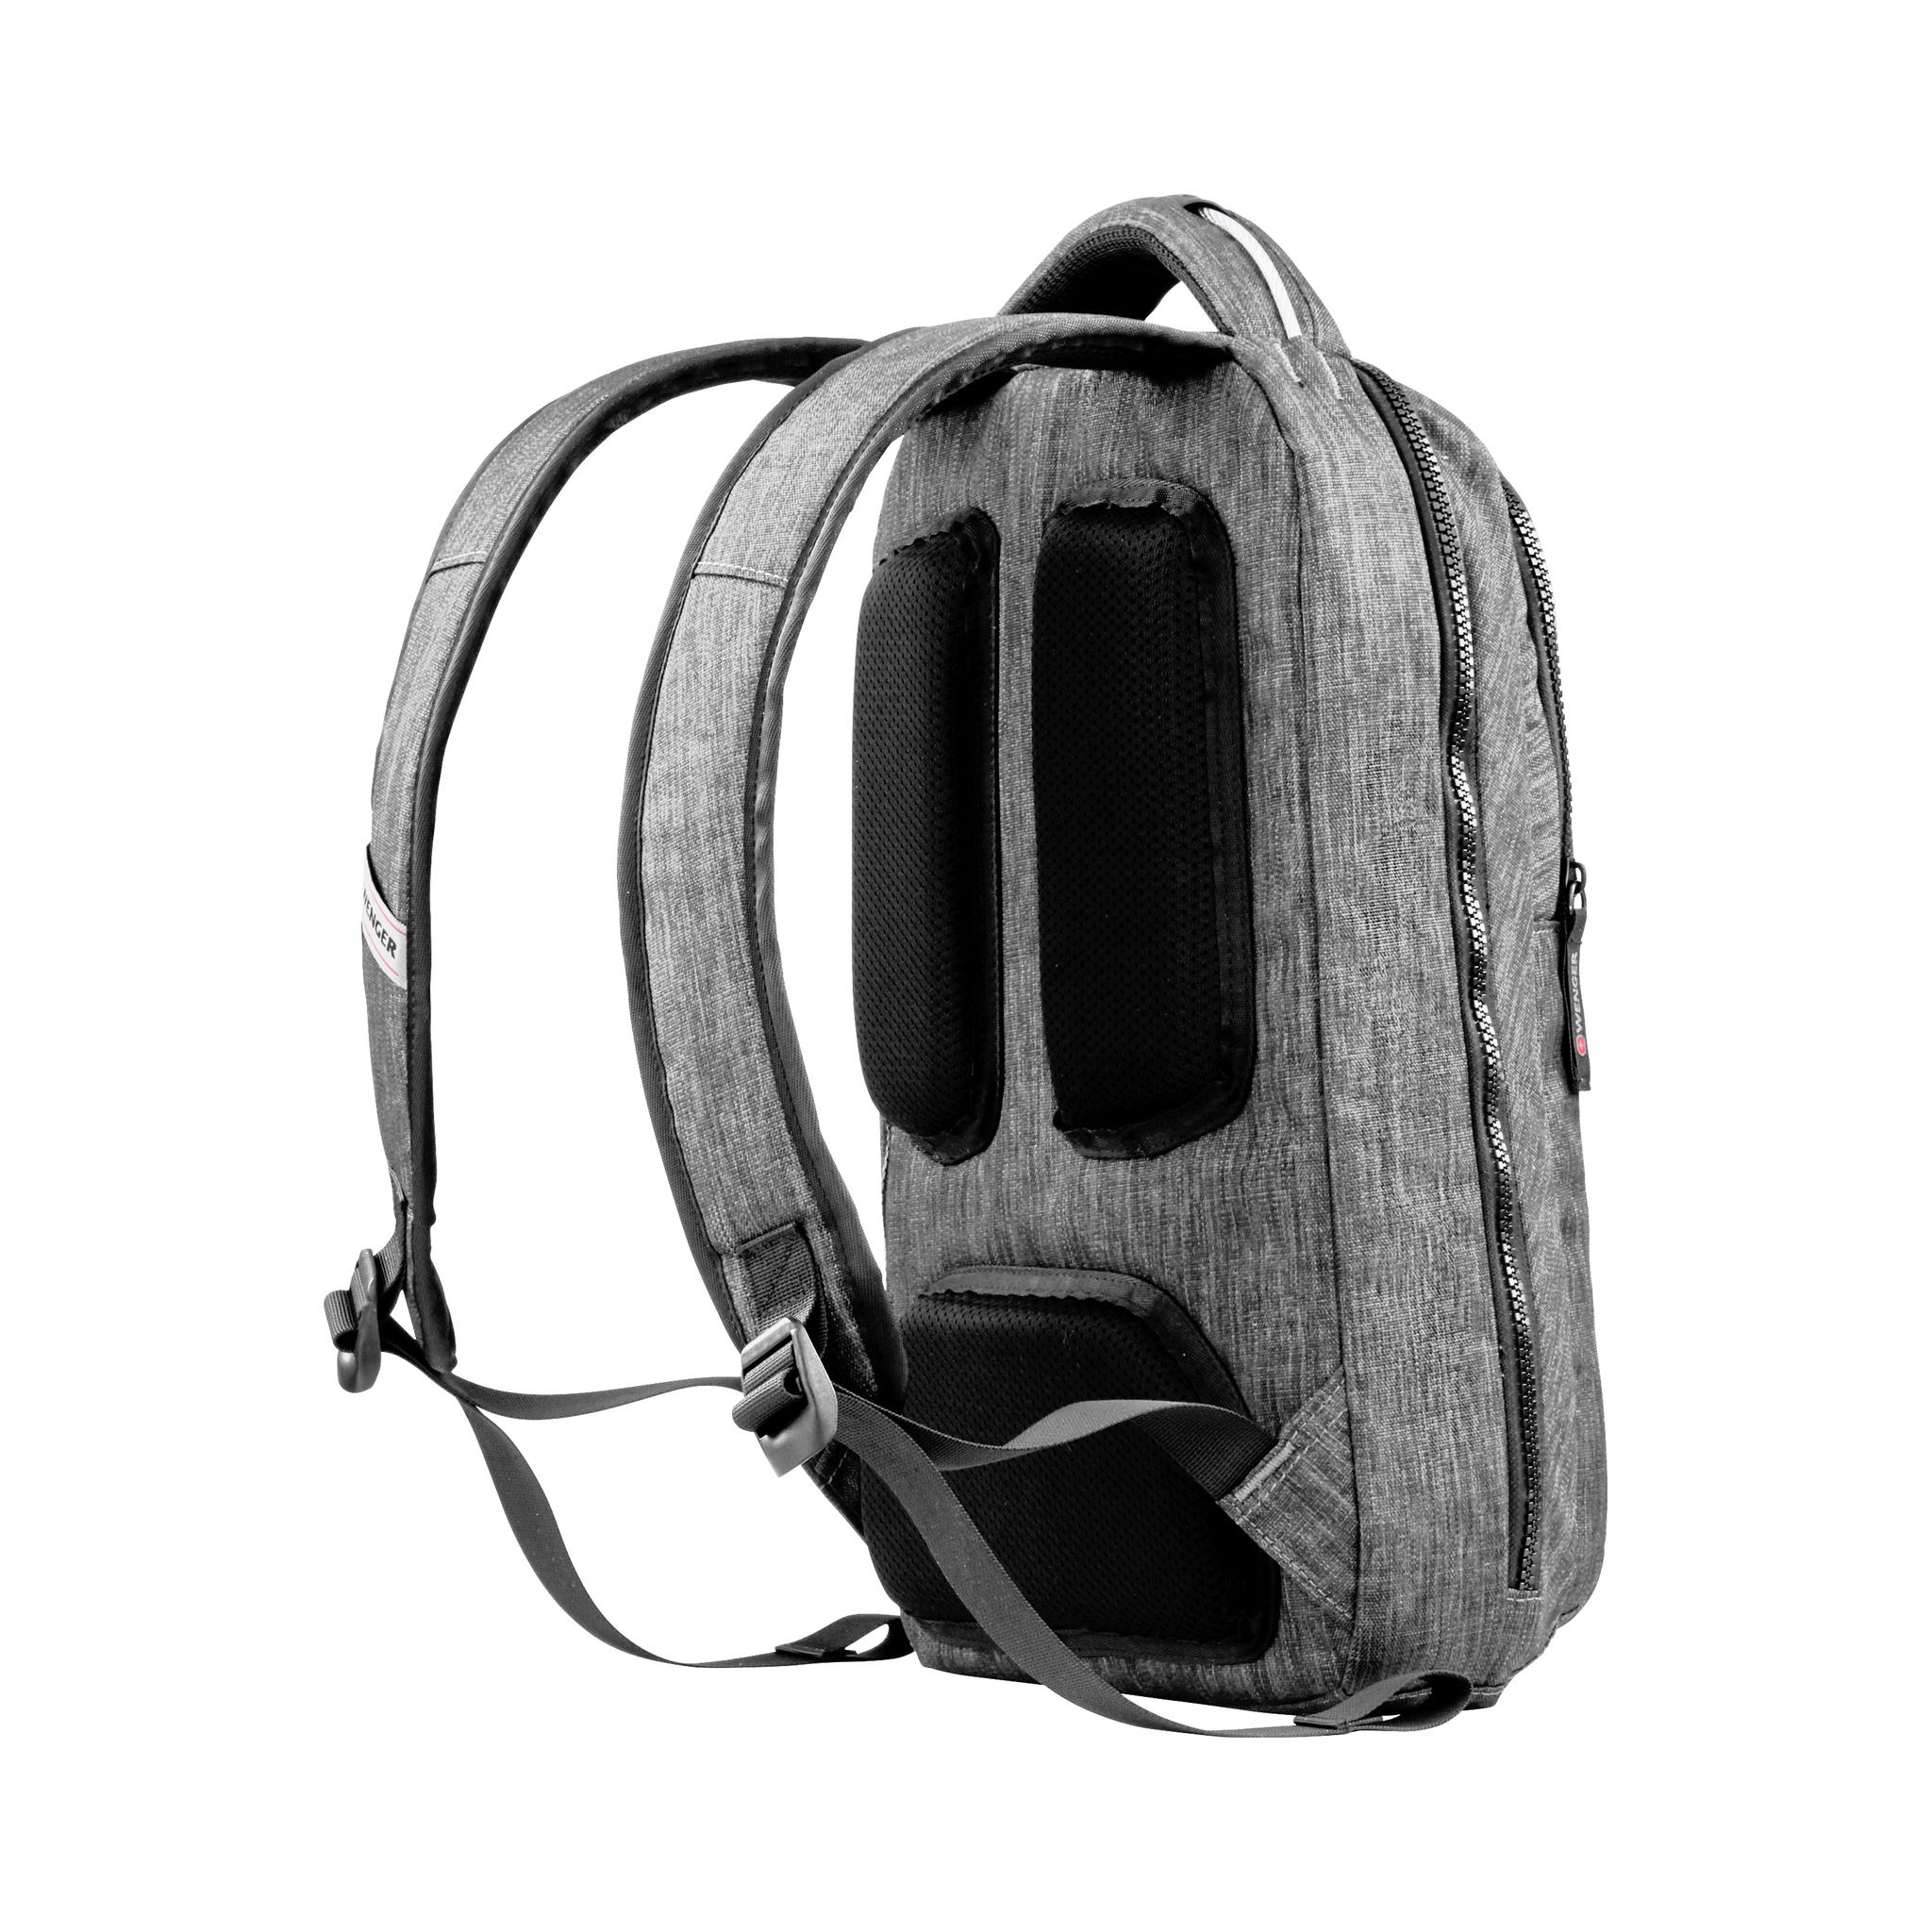 Рюкзак WENGER Rotor, цвет сёрый, отделение для ноутбука 14